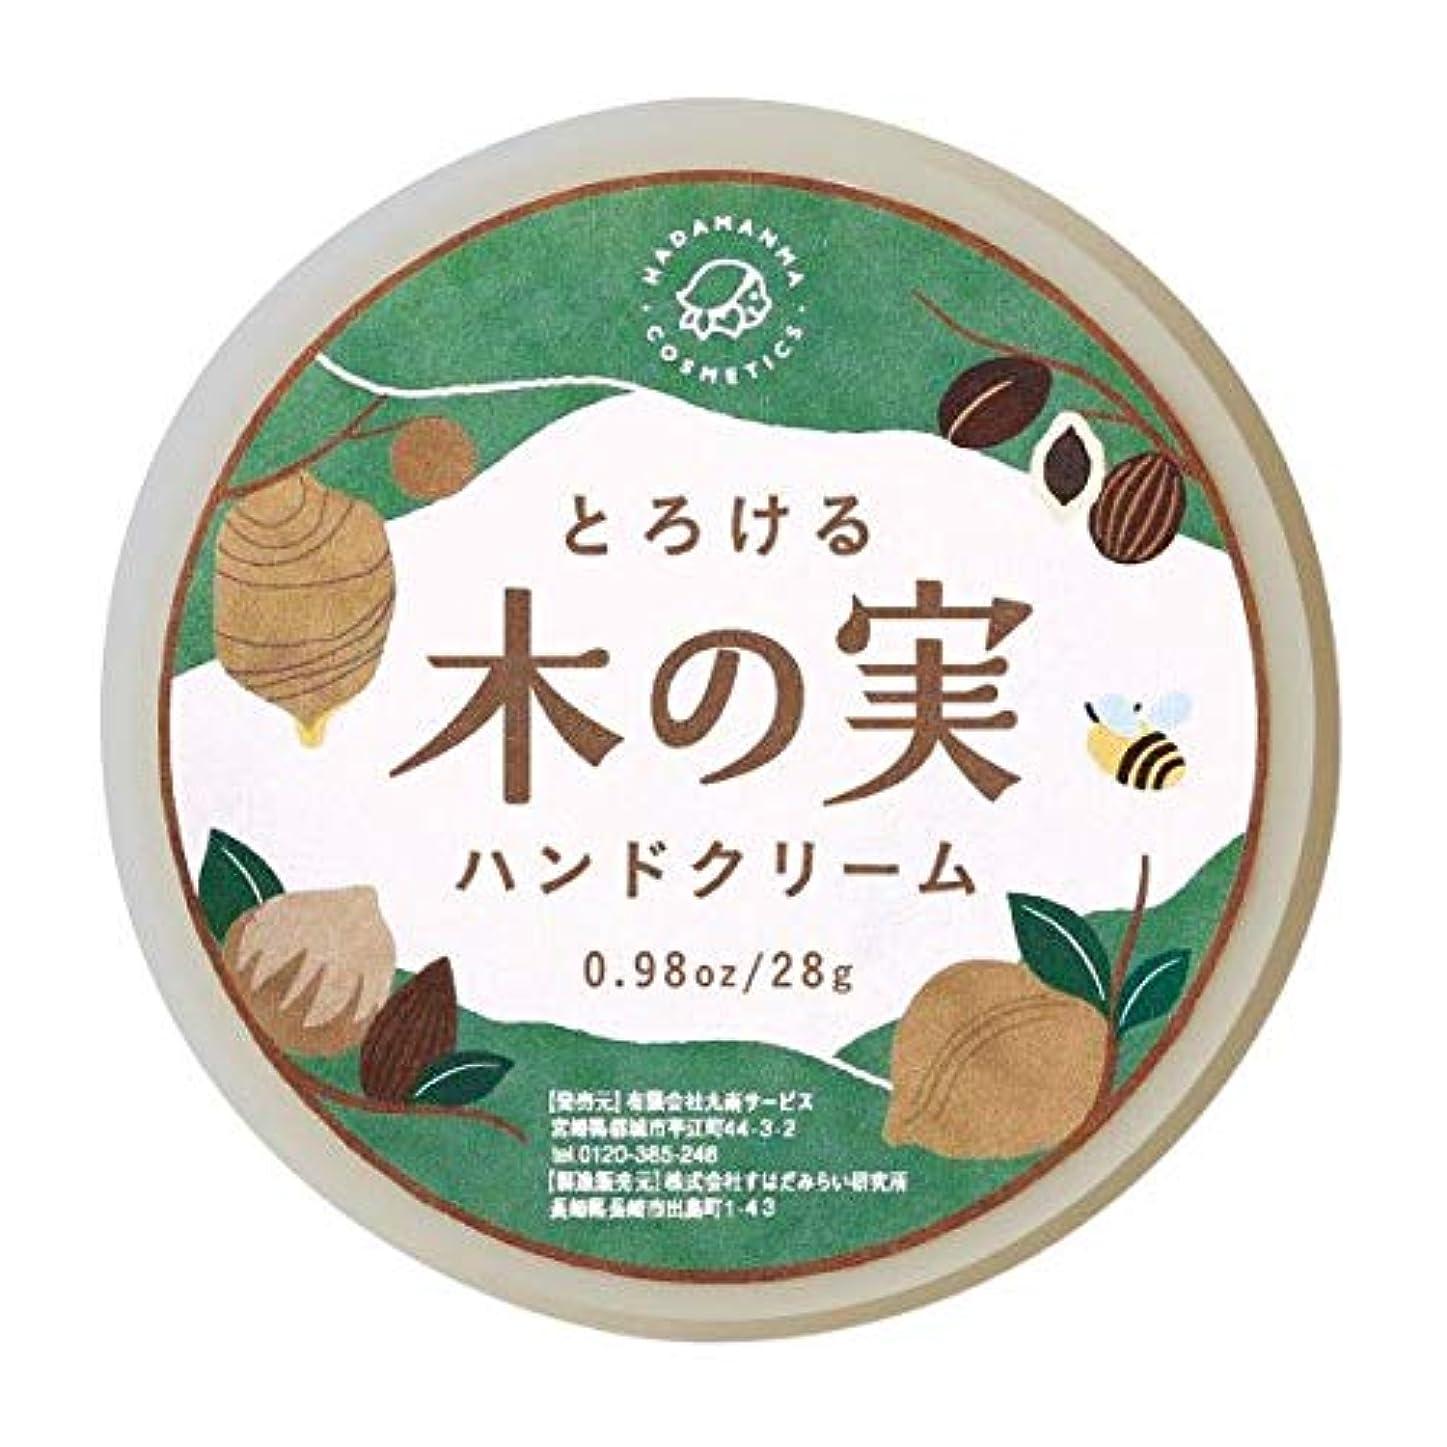 口径メッセンジャーグラマーhadamanma-ハンドクリーム(とろける木の実/もぎたて果実手) (とろける木の実ハンドクリーム(しっとり派))